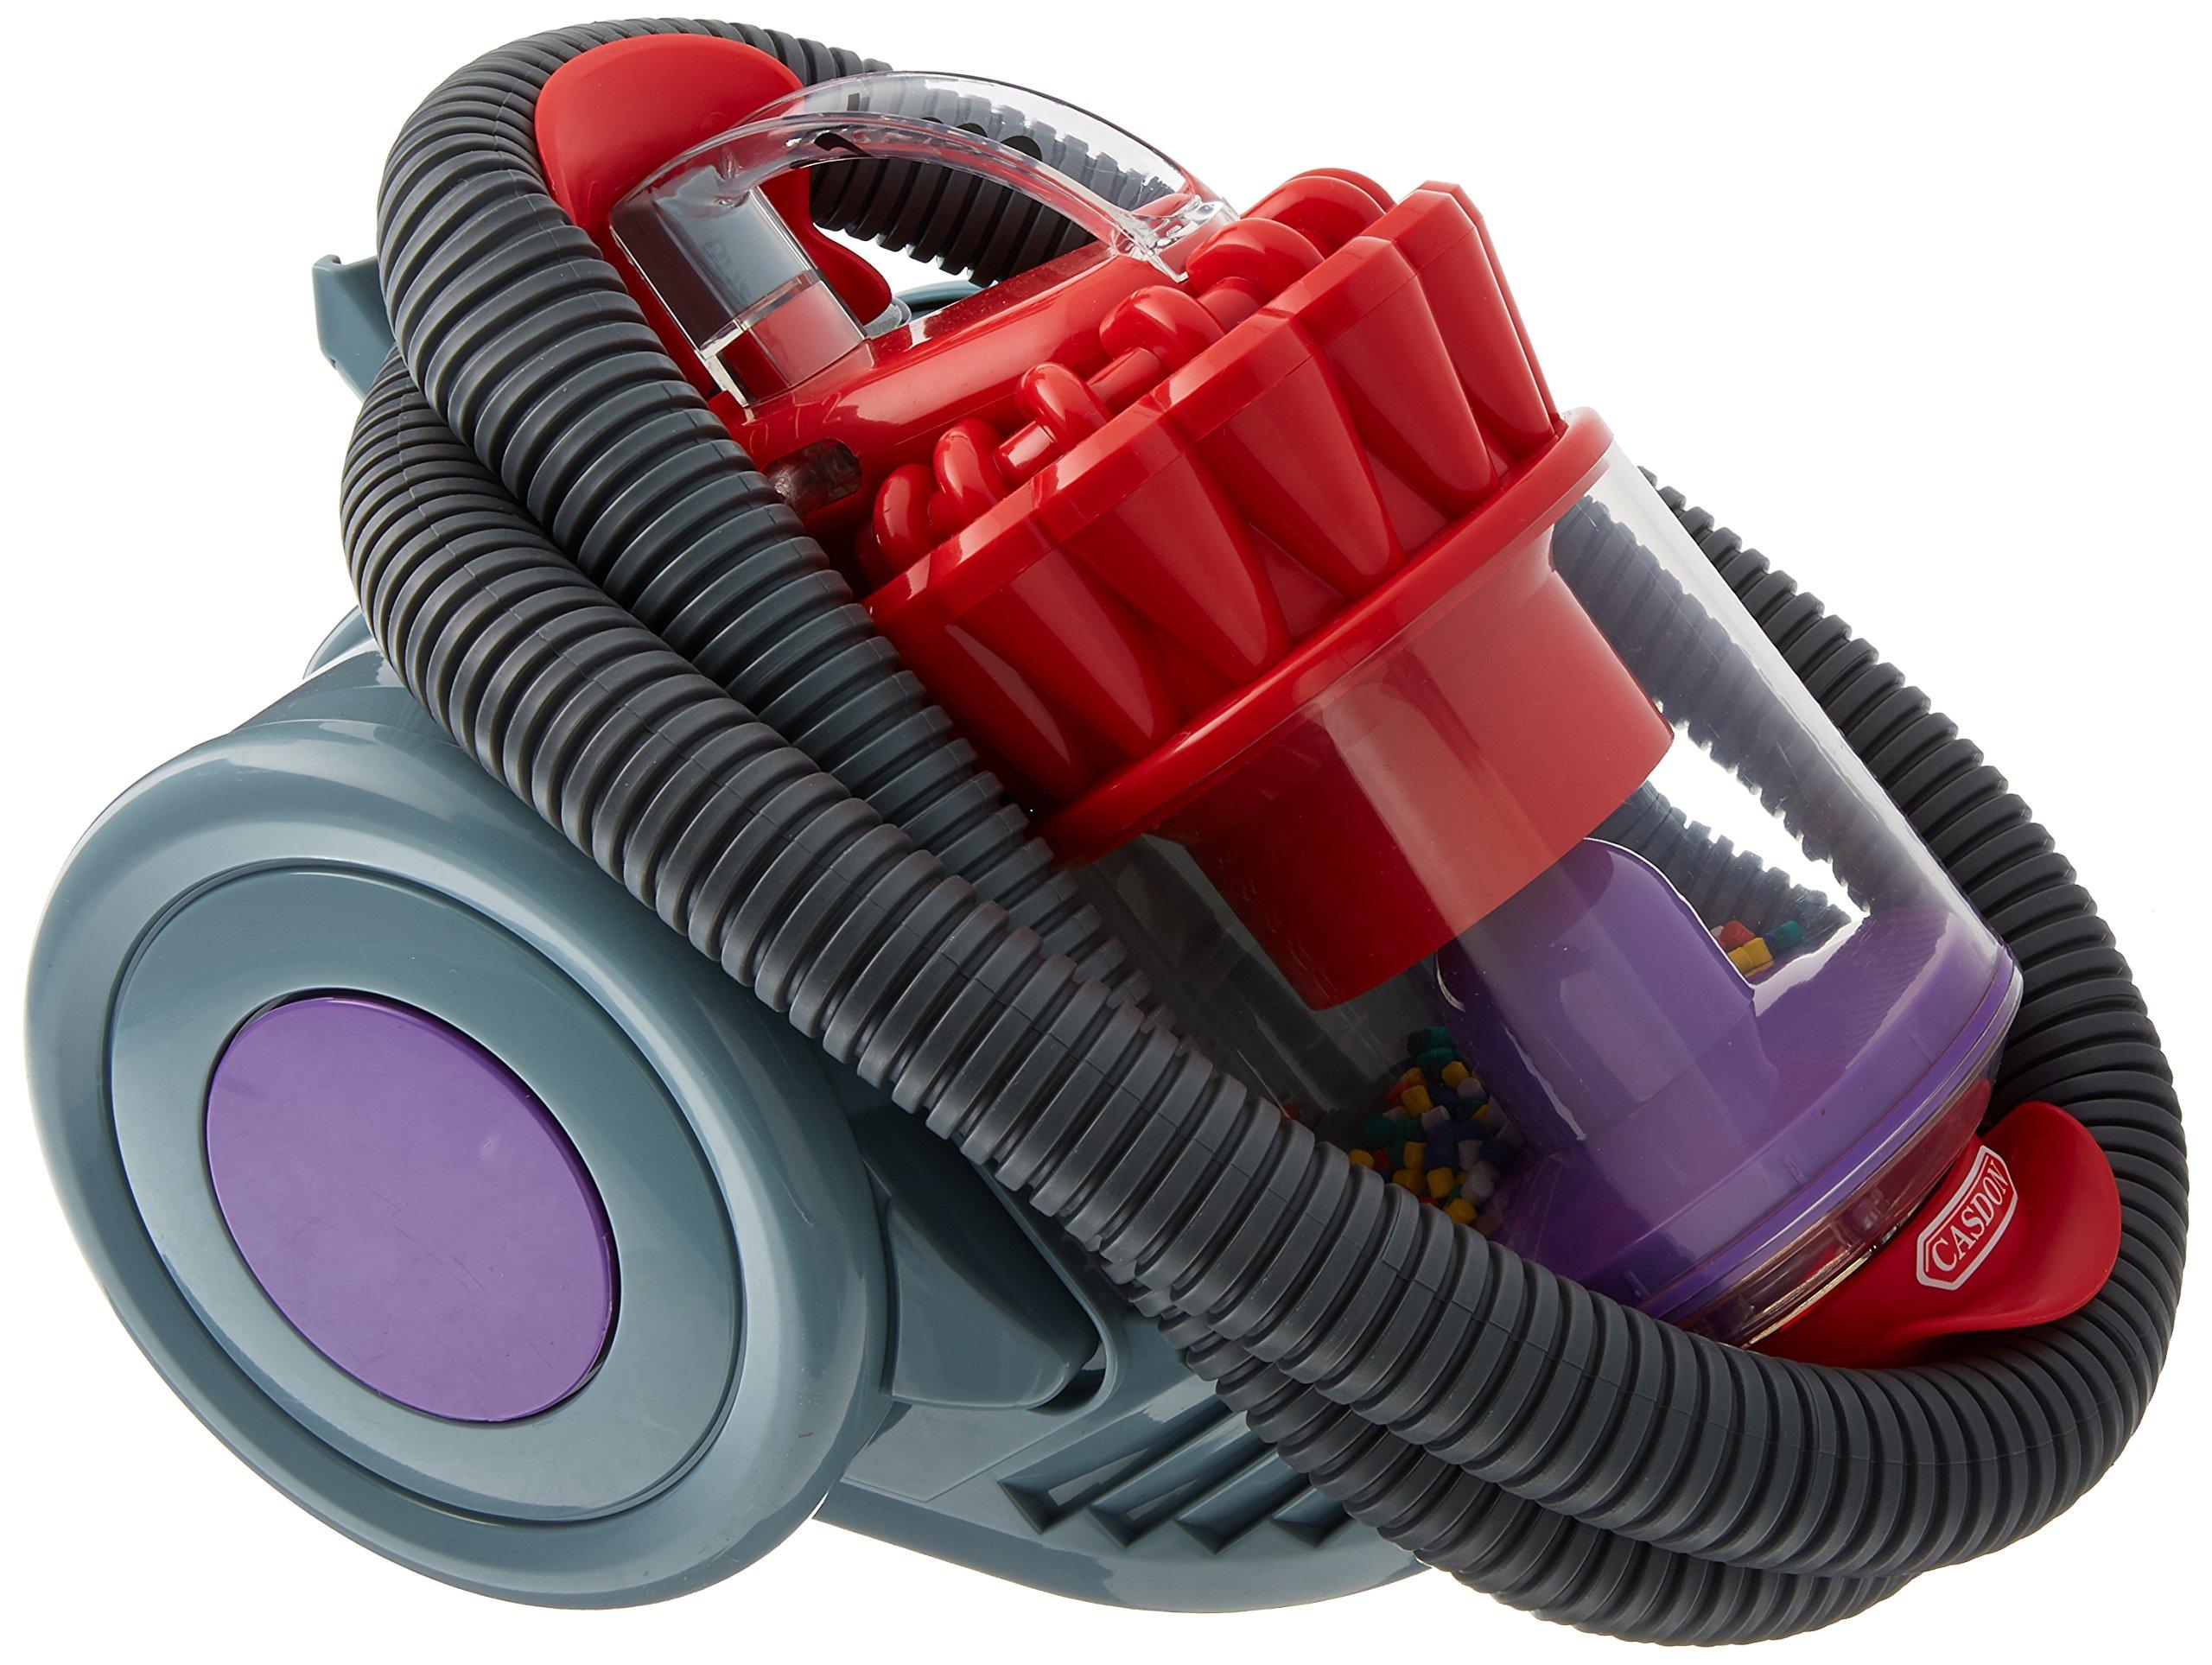 CASDON Dyson DC22 Toy Vacuum by CASDON